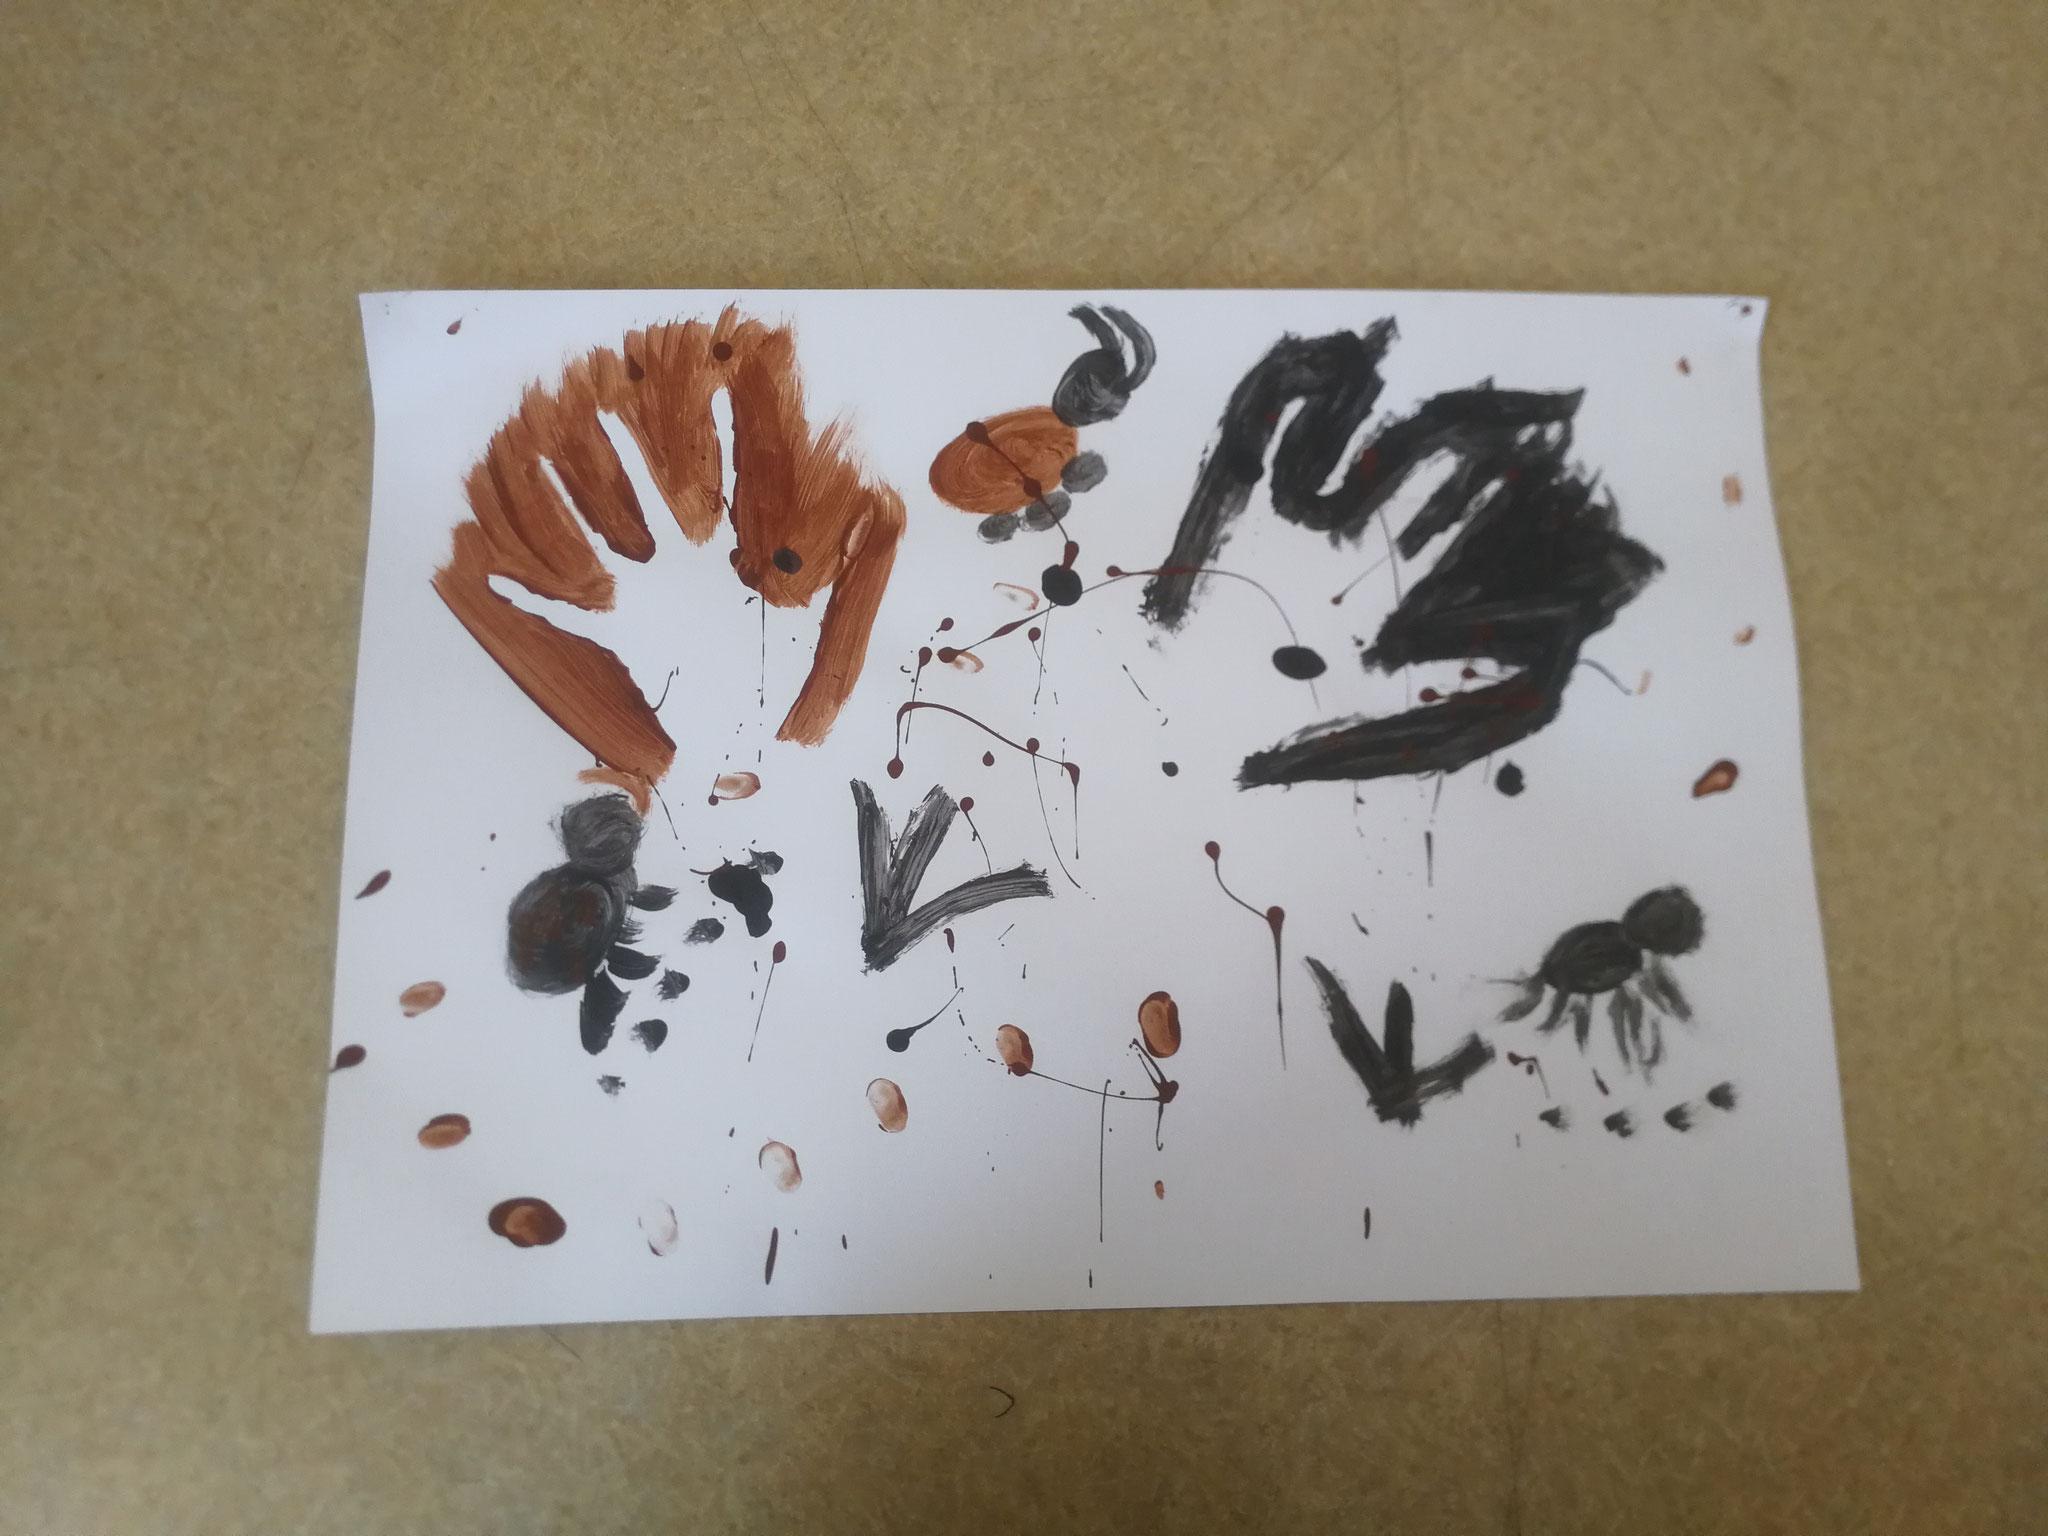 Peinture rupestre - peinture à l'eau (Primaires)